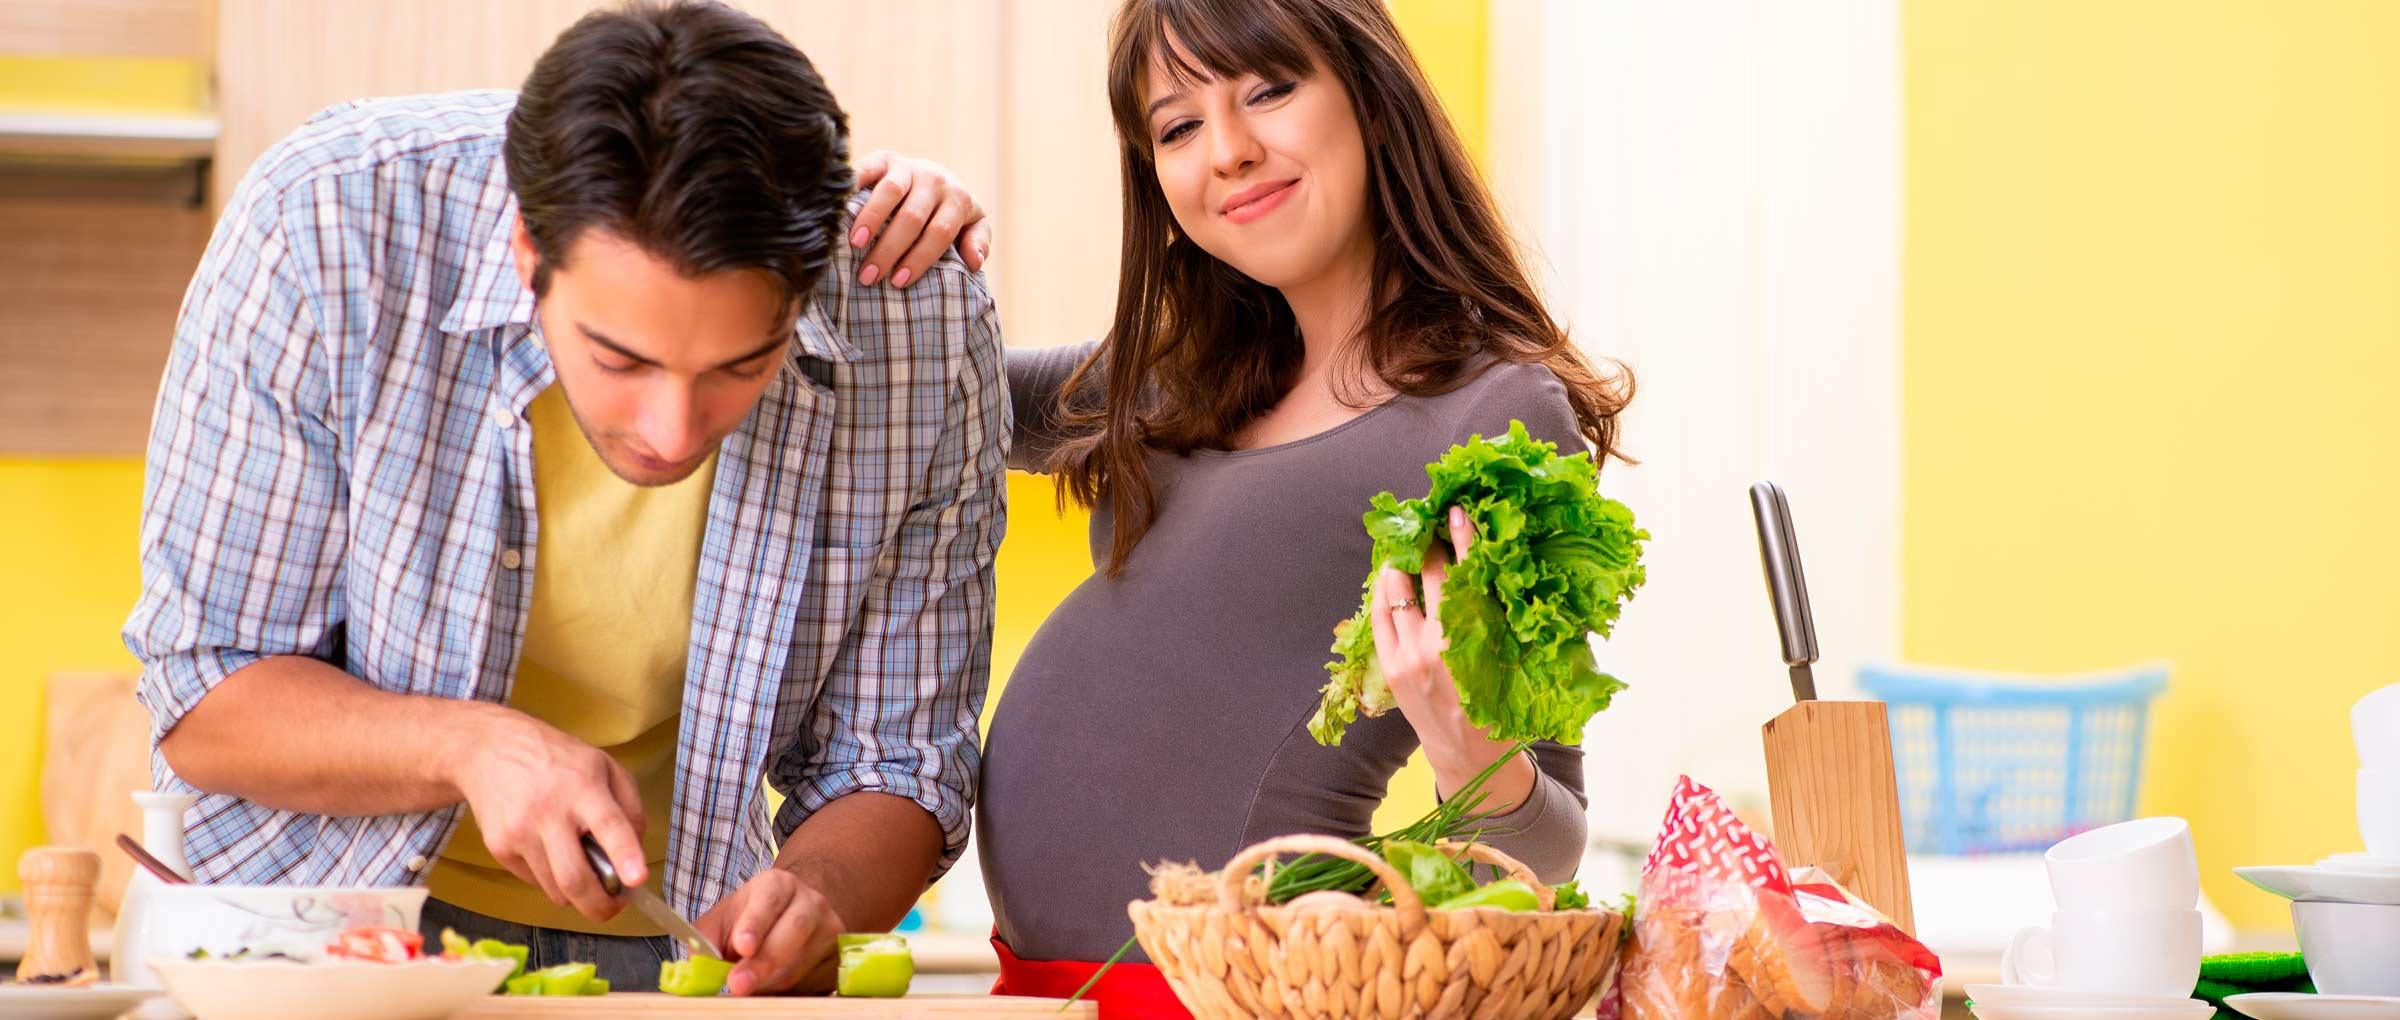 Imagen: healthy eating habits